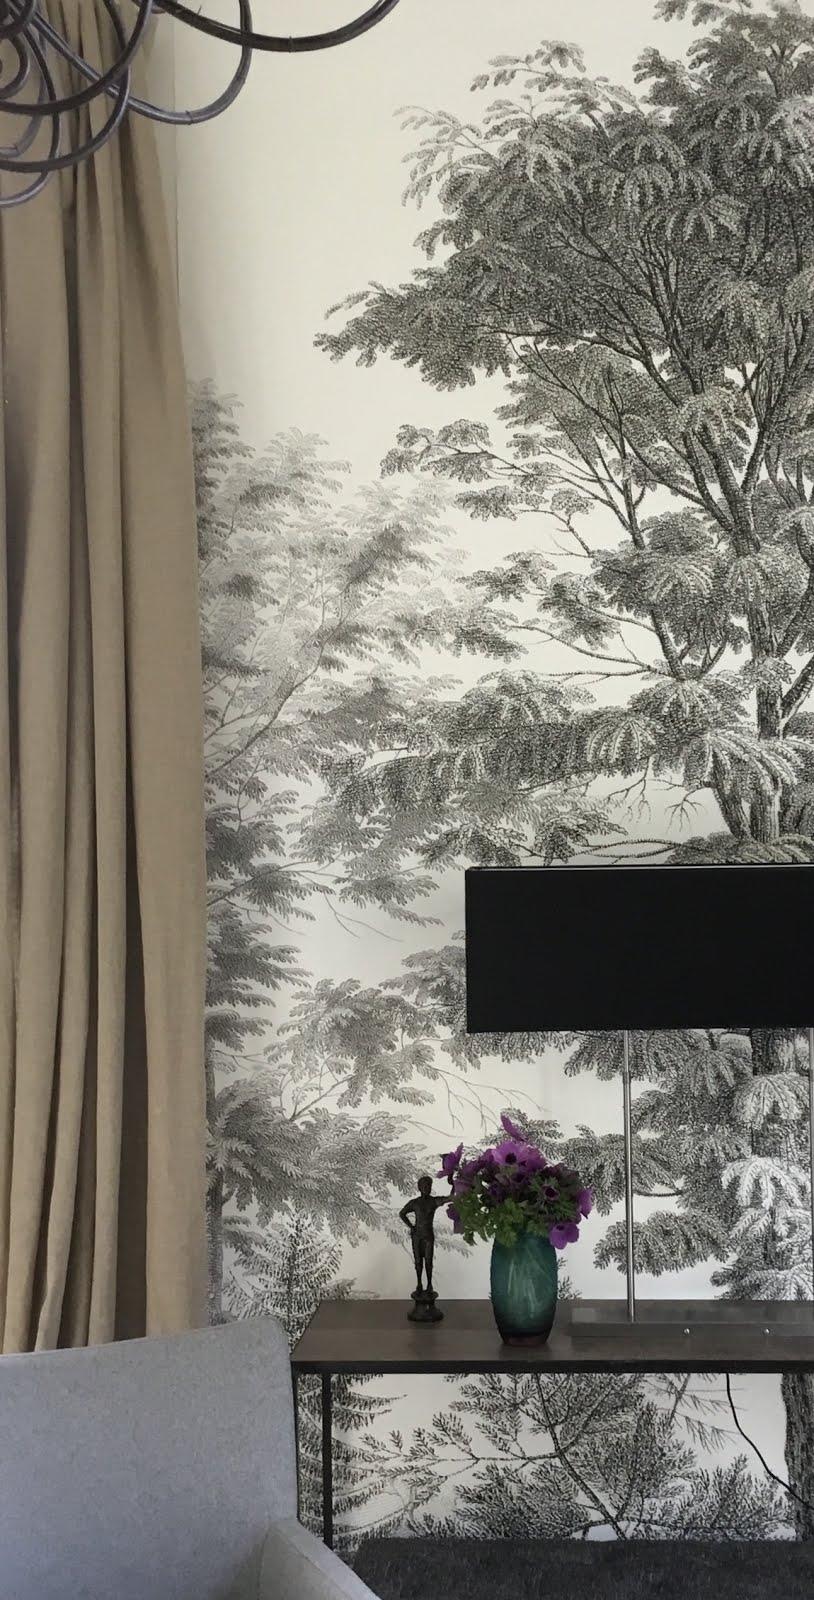 Les Acacias grisaille